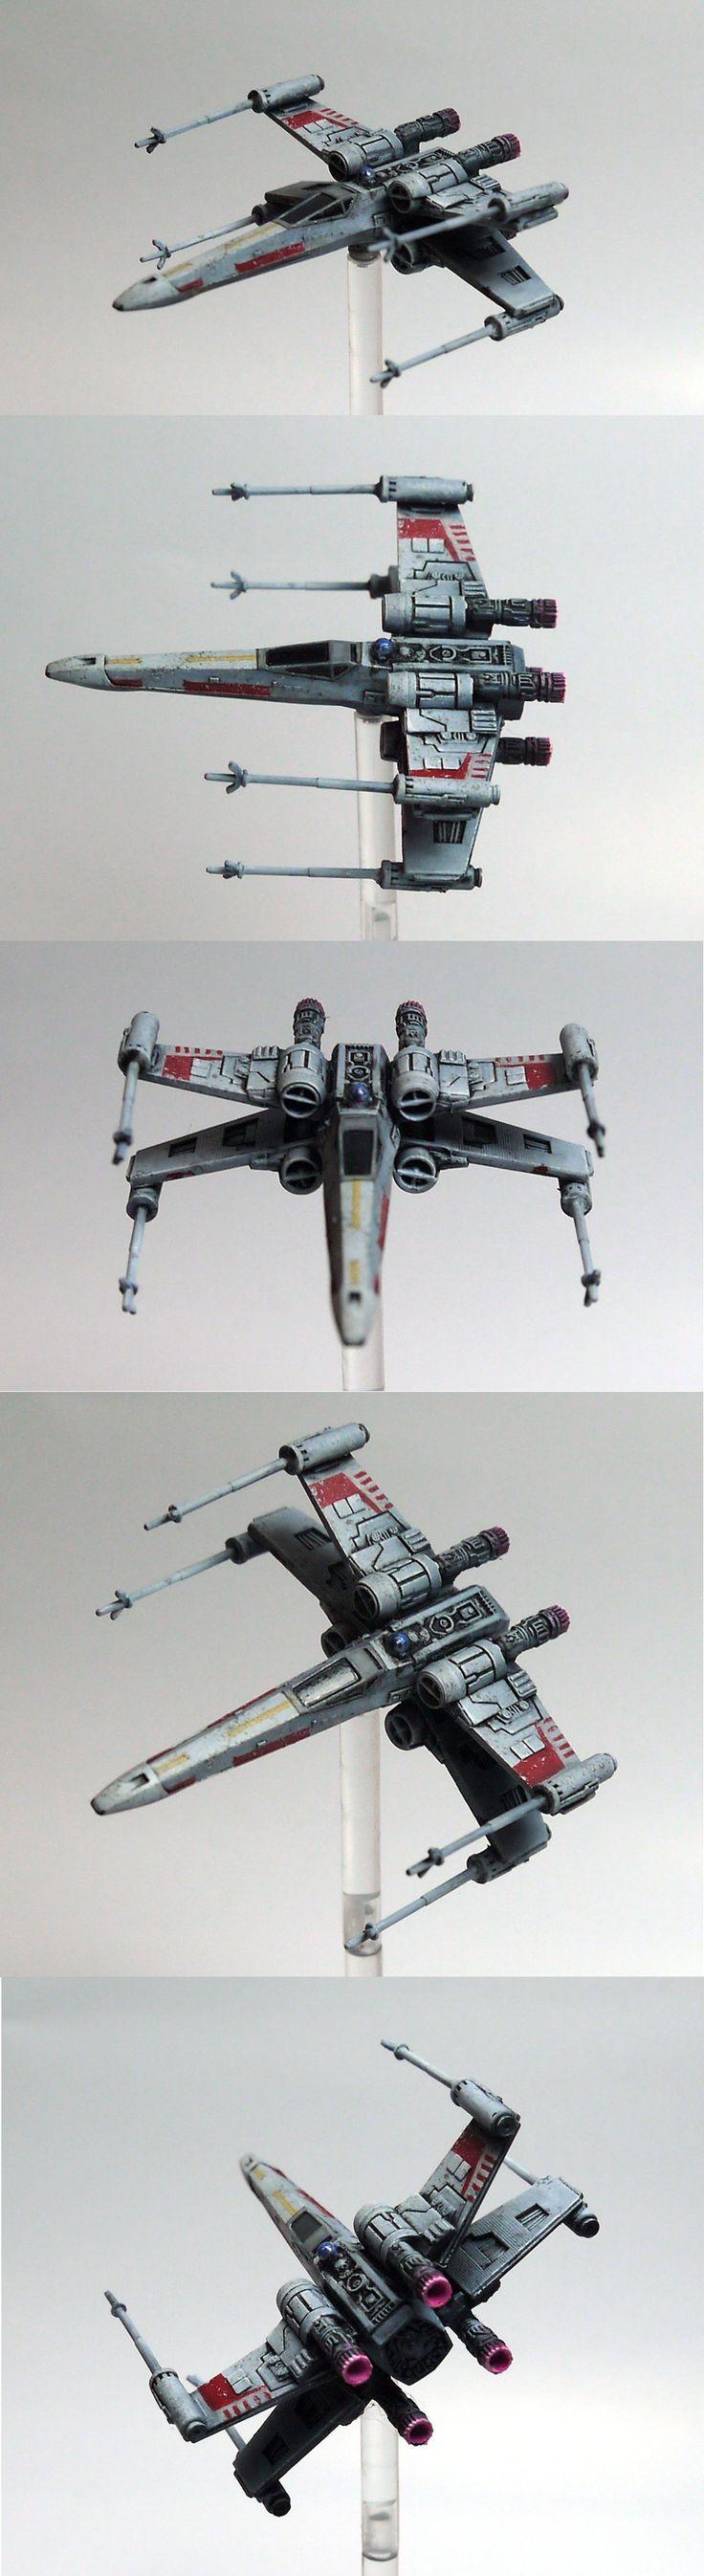 1fd3cf18b22f3738e625d841bcdd71ed Jpg 736 2693 Star Wars Design Star Wars Galaxies Star Wars Ships